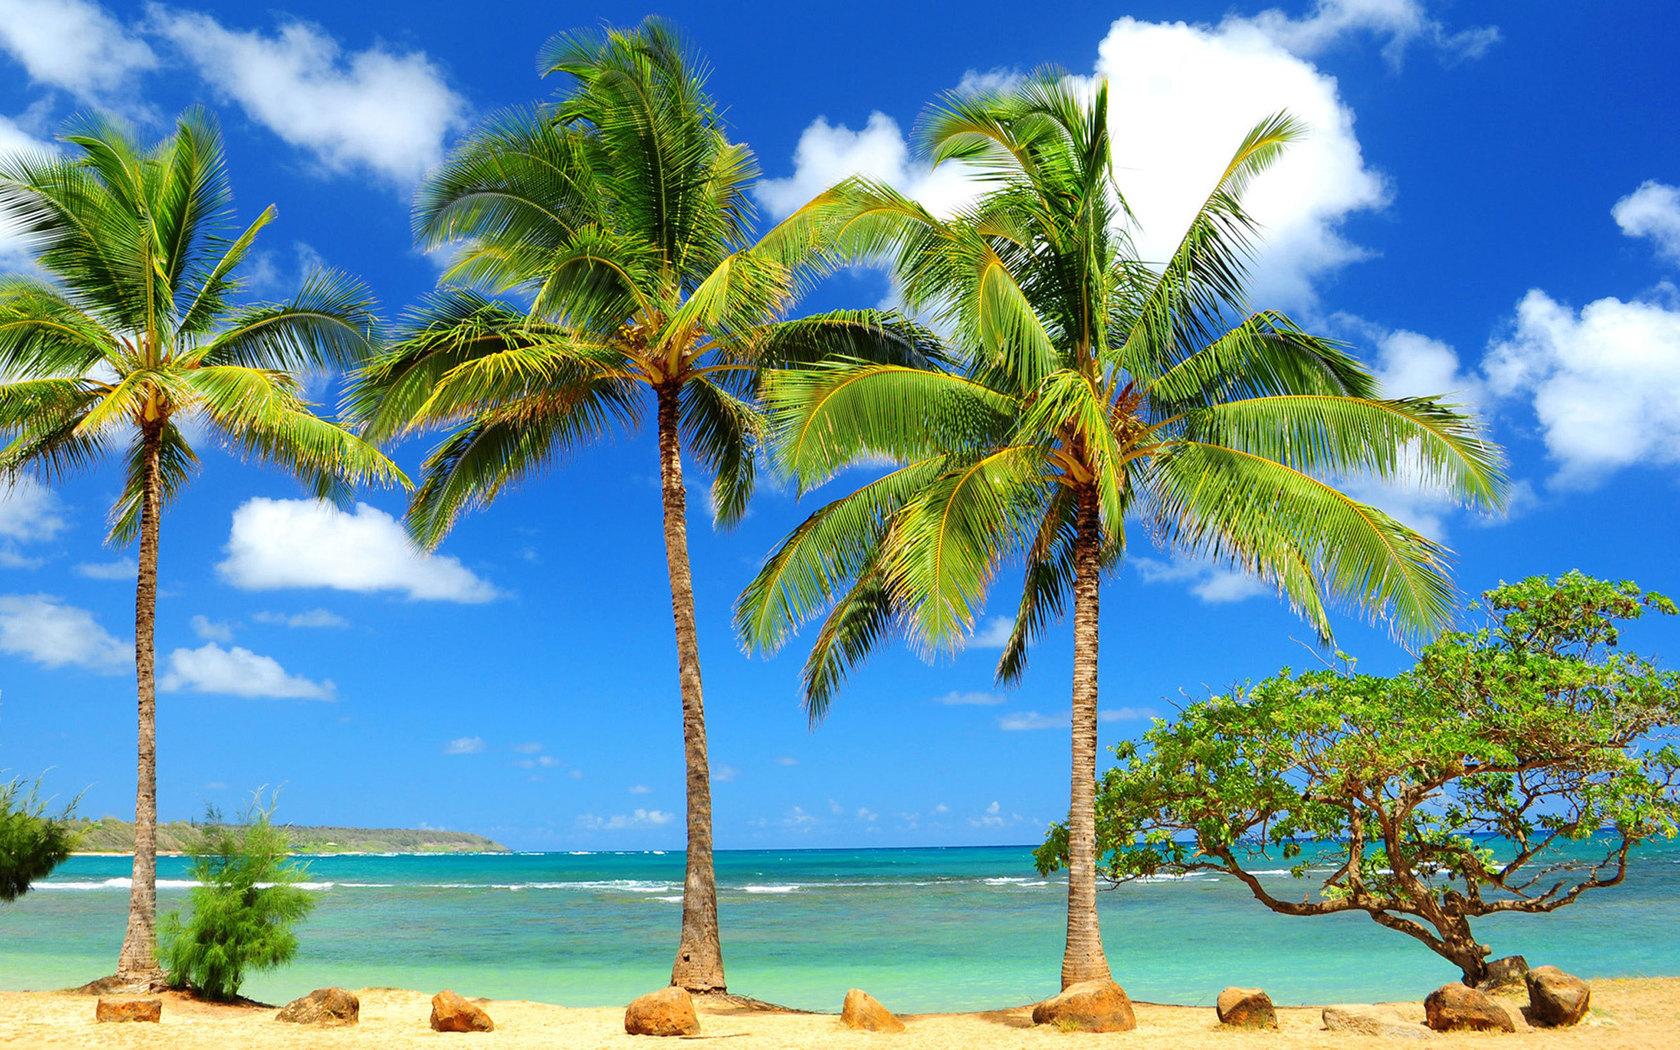 Природа пейзаж море океан дерево